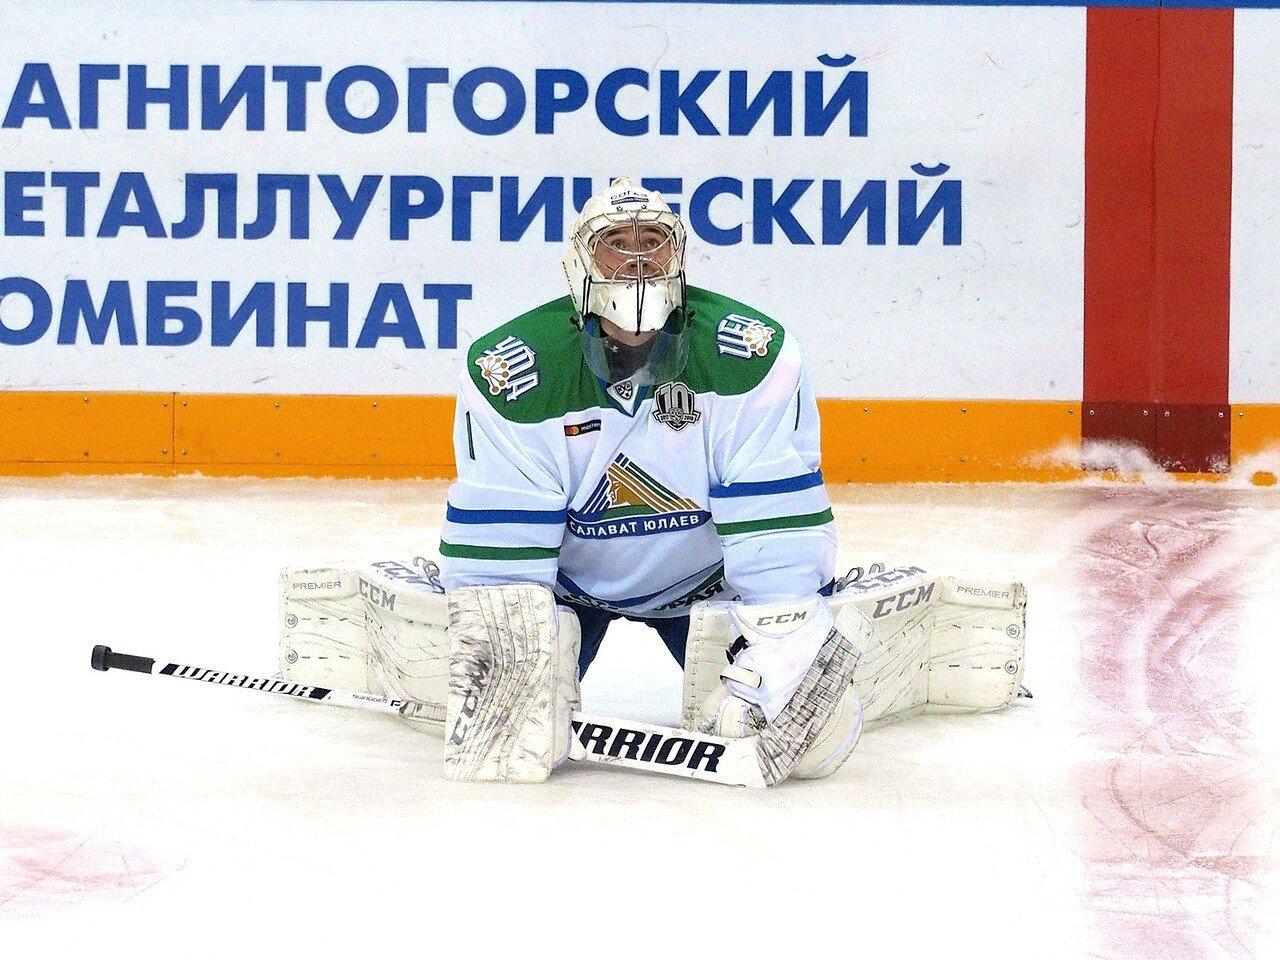 50 Металлург - Салават Юлаев 23.09.2017